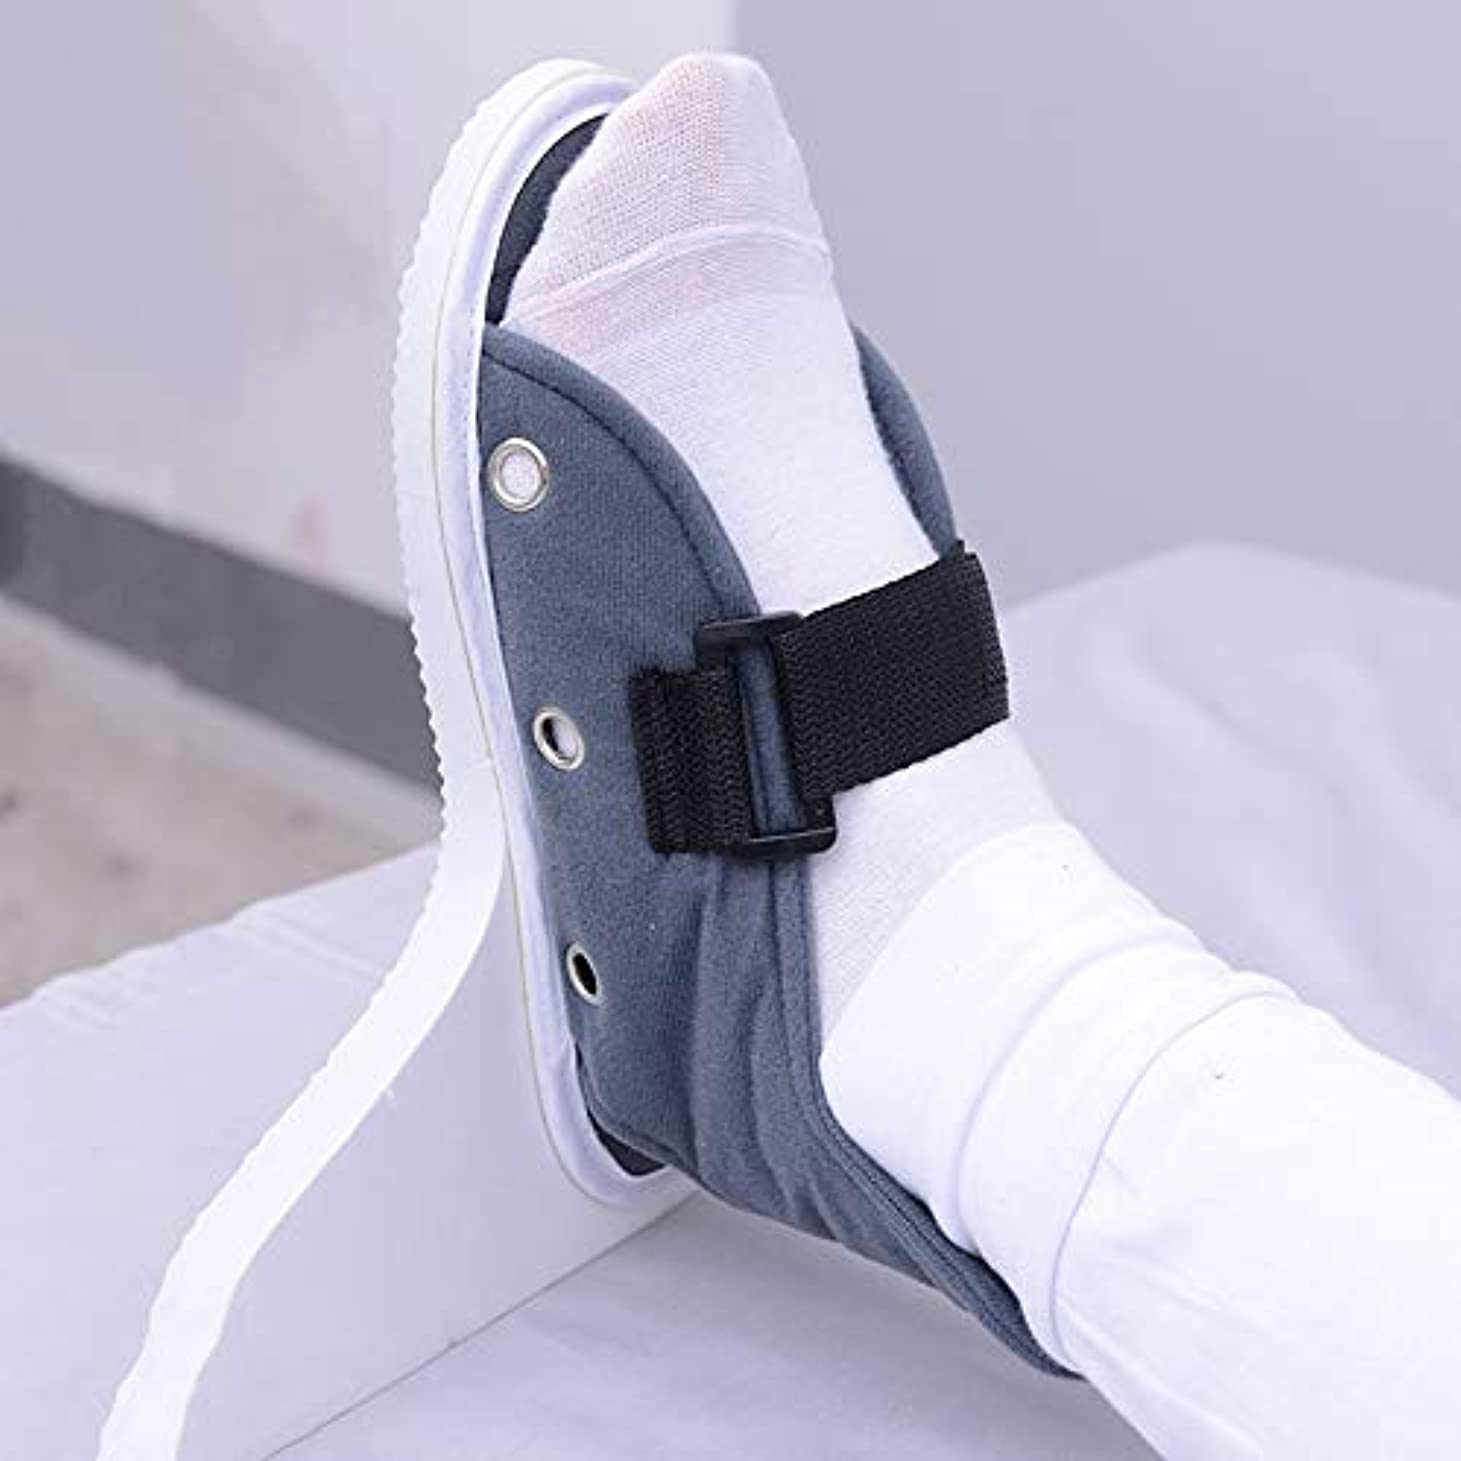 暴行最愛の悲しい1ペア病院固定ブレースヒールプロテクター足の垂れ防止用 - 足首滑り止め固定具アンチスピンシューズ高齢者用